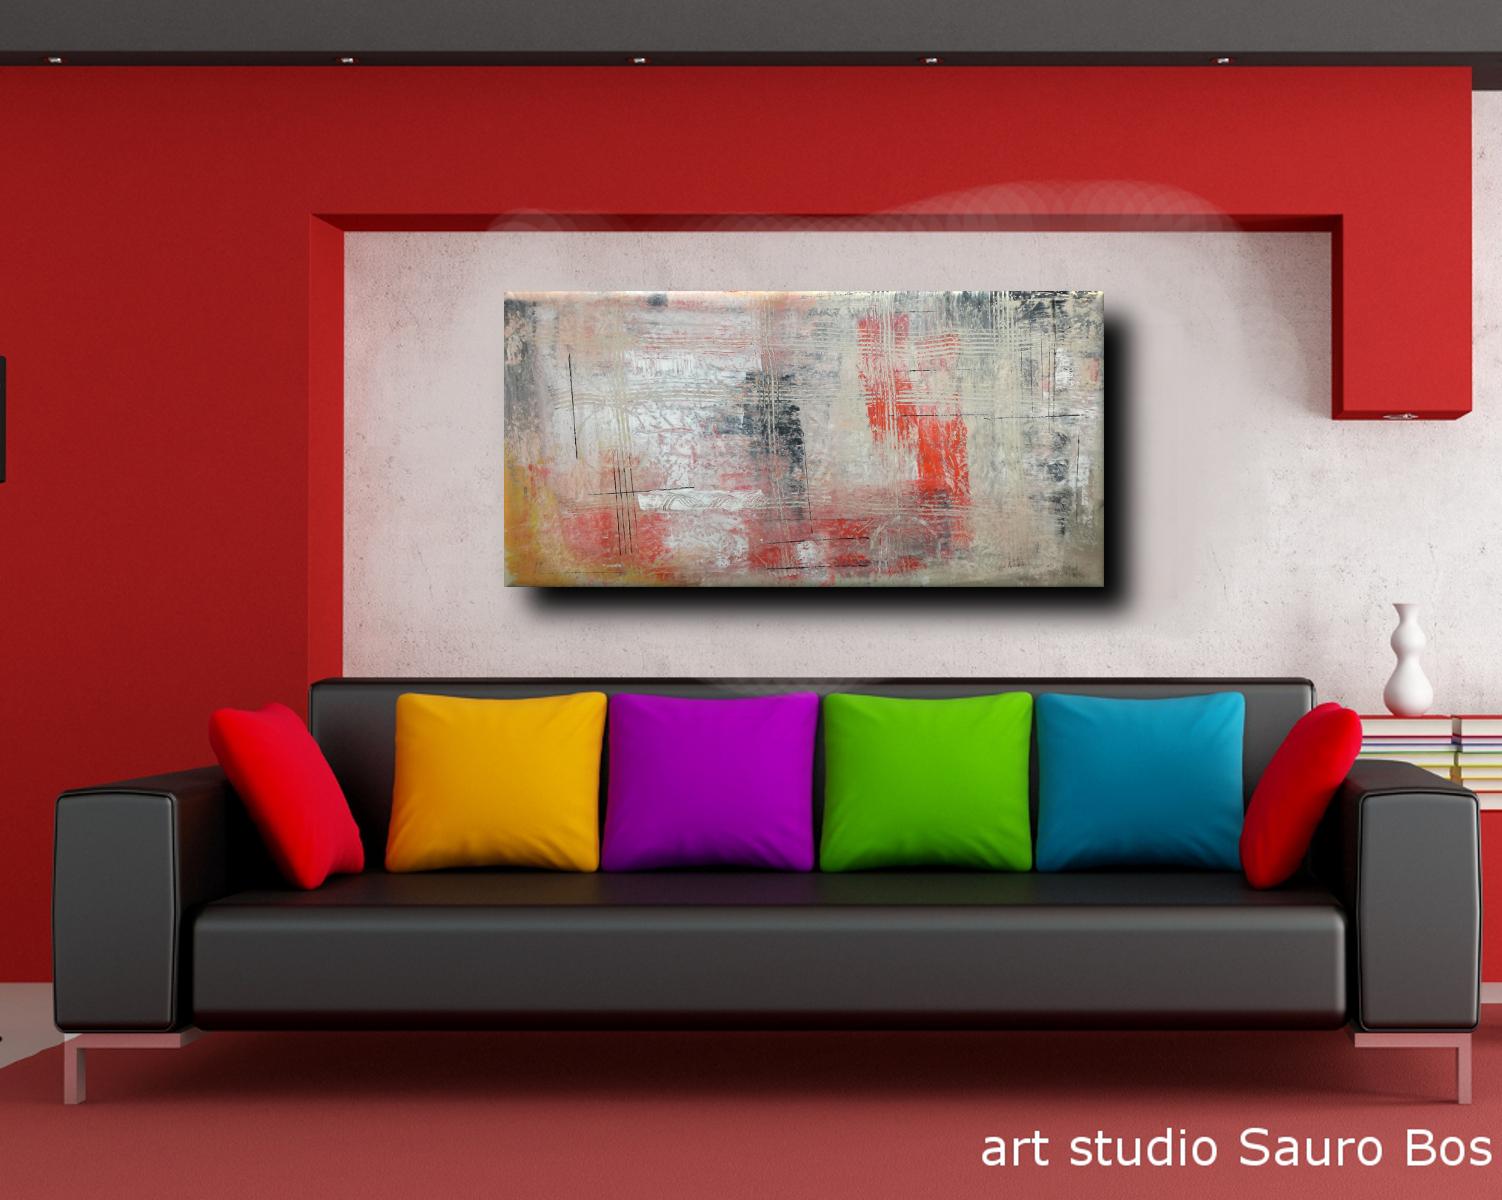 astratto sofa rosso C036 - quadri moderni ad olio colorati su tela grandi dimensioni 120x60x4